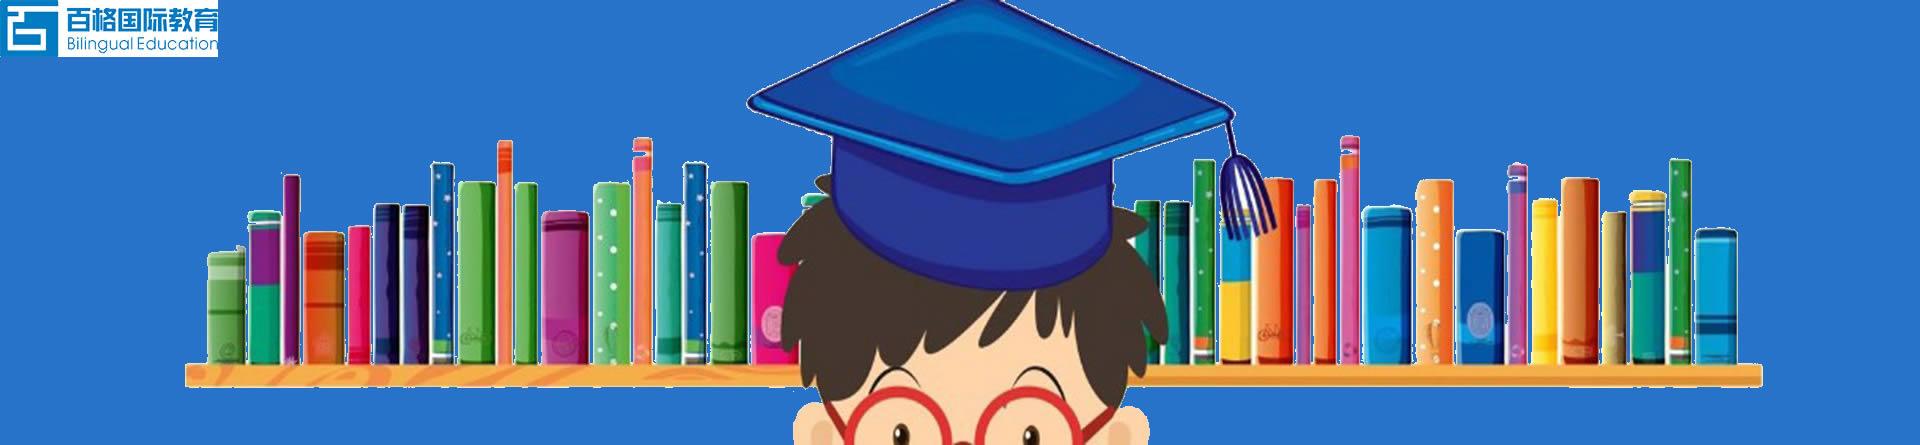 郑州百格国际教育